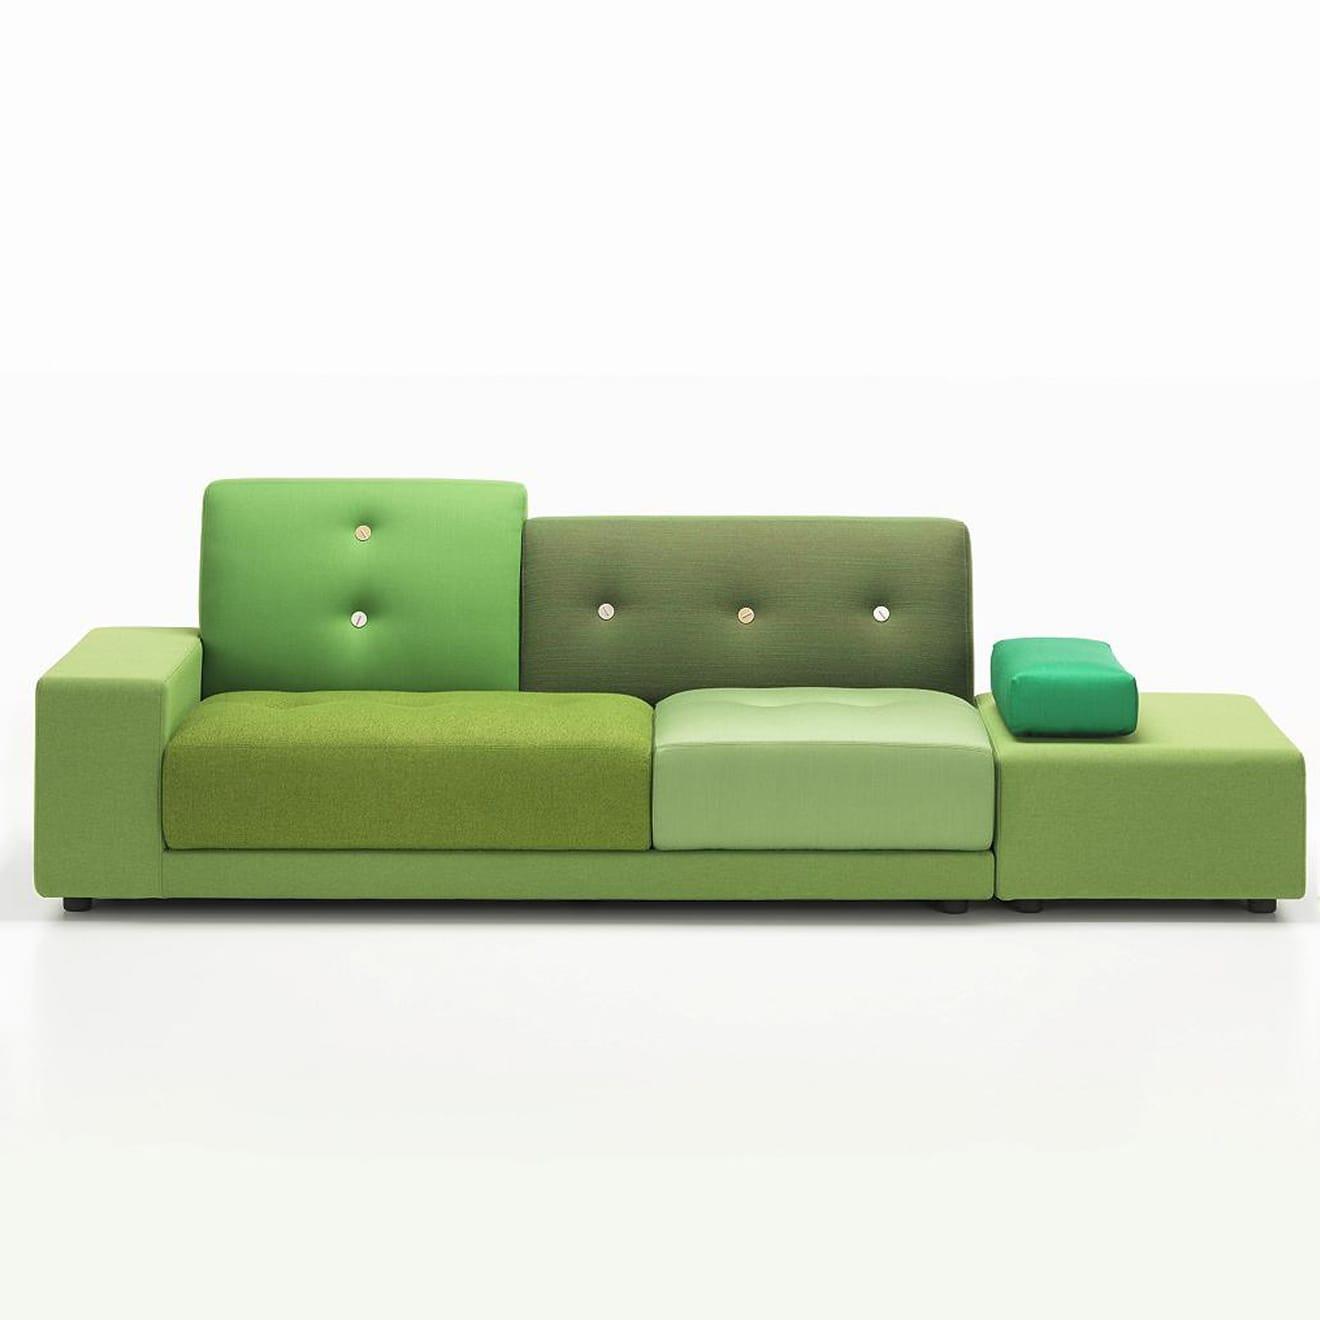 Polder Sofa by Vitra